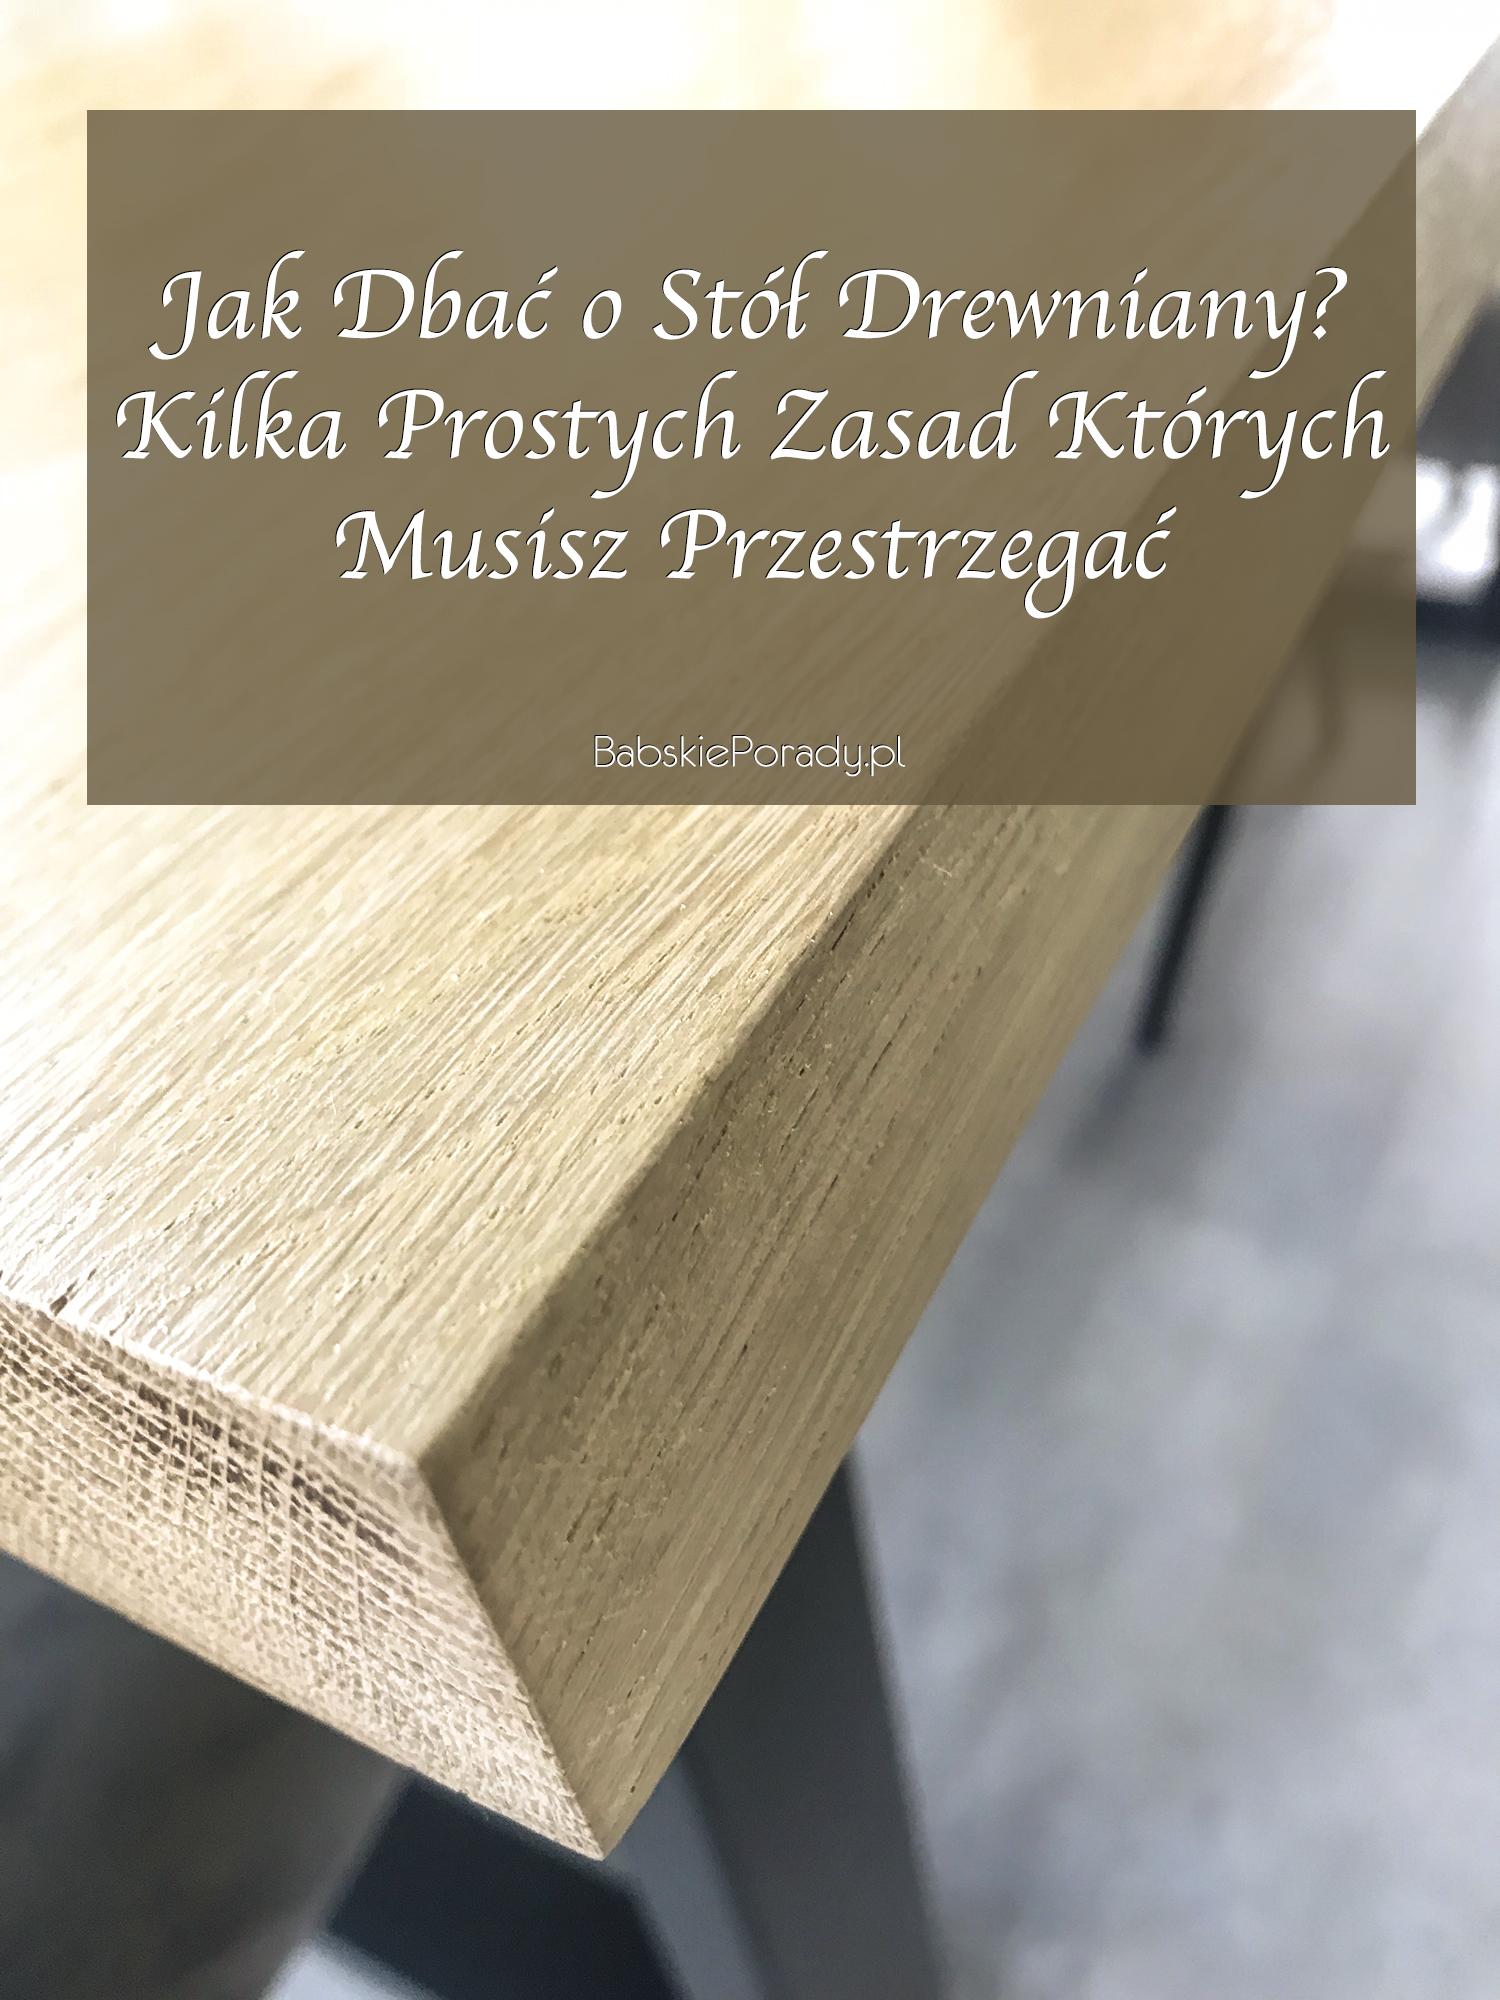 jak dbać o stół drewniany, pielęgnacja drewnianego stołu, jak czyścić drewniany stół, stoły drewniane pielęgnacja